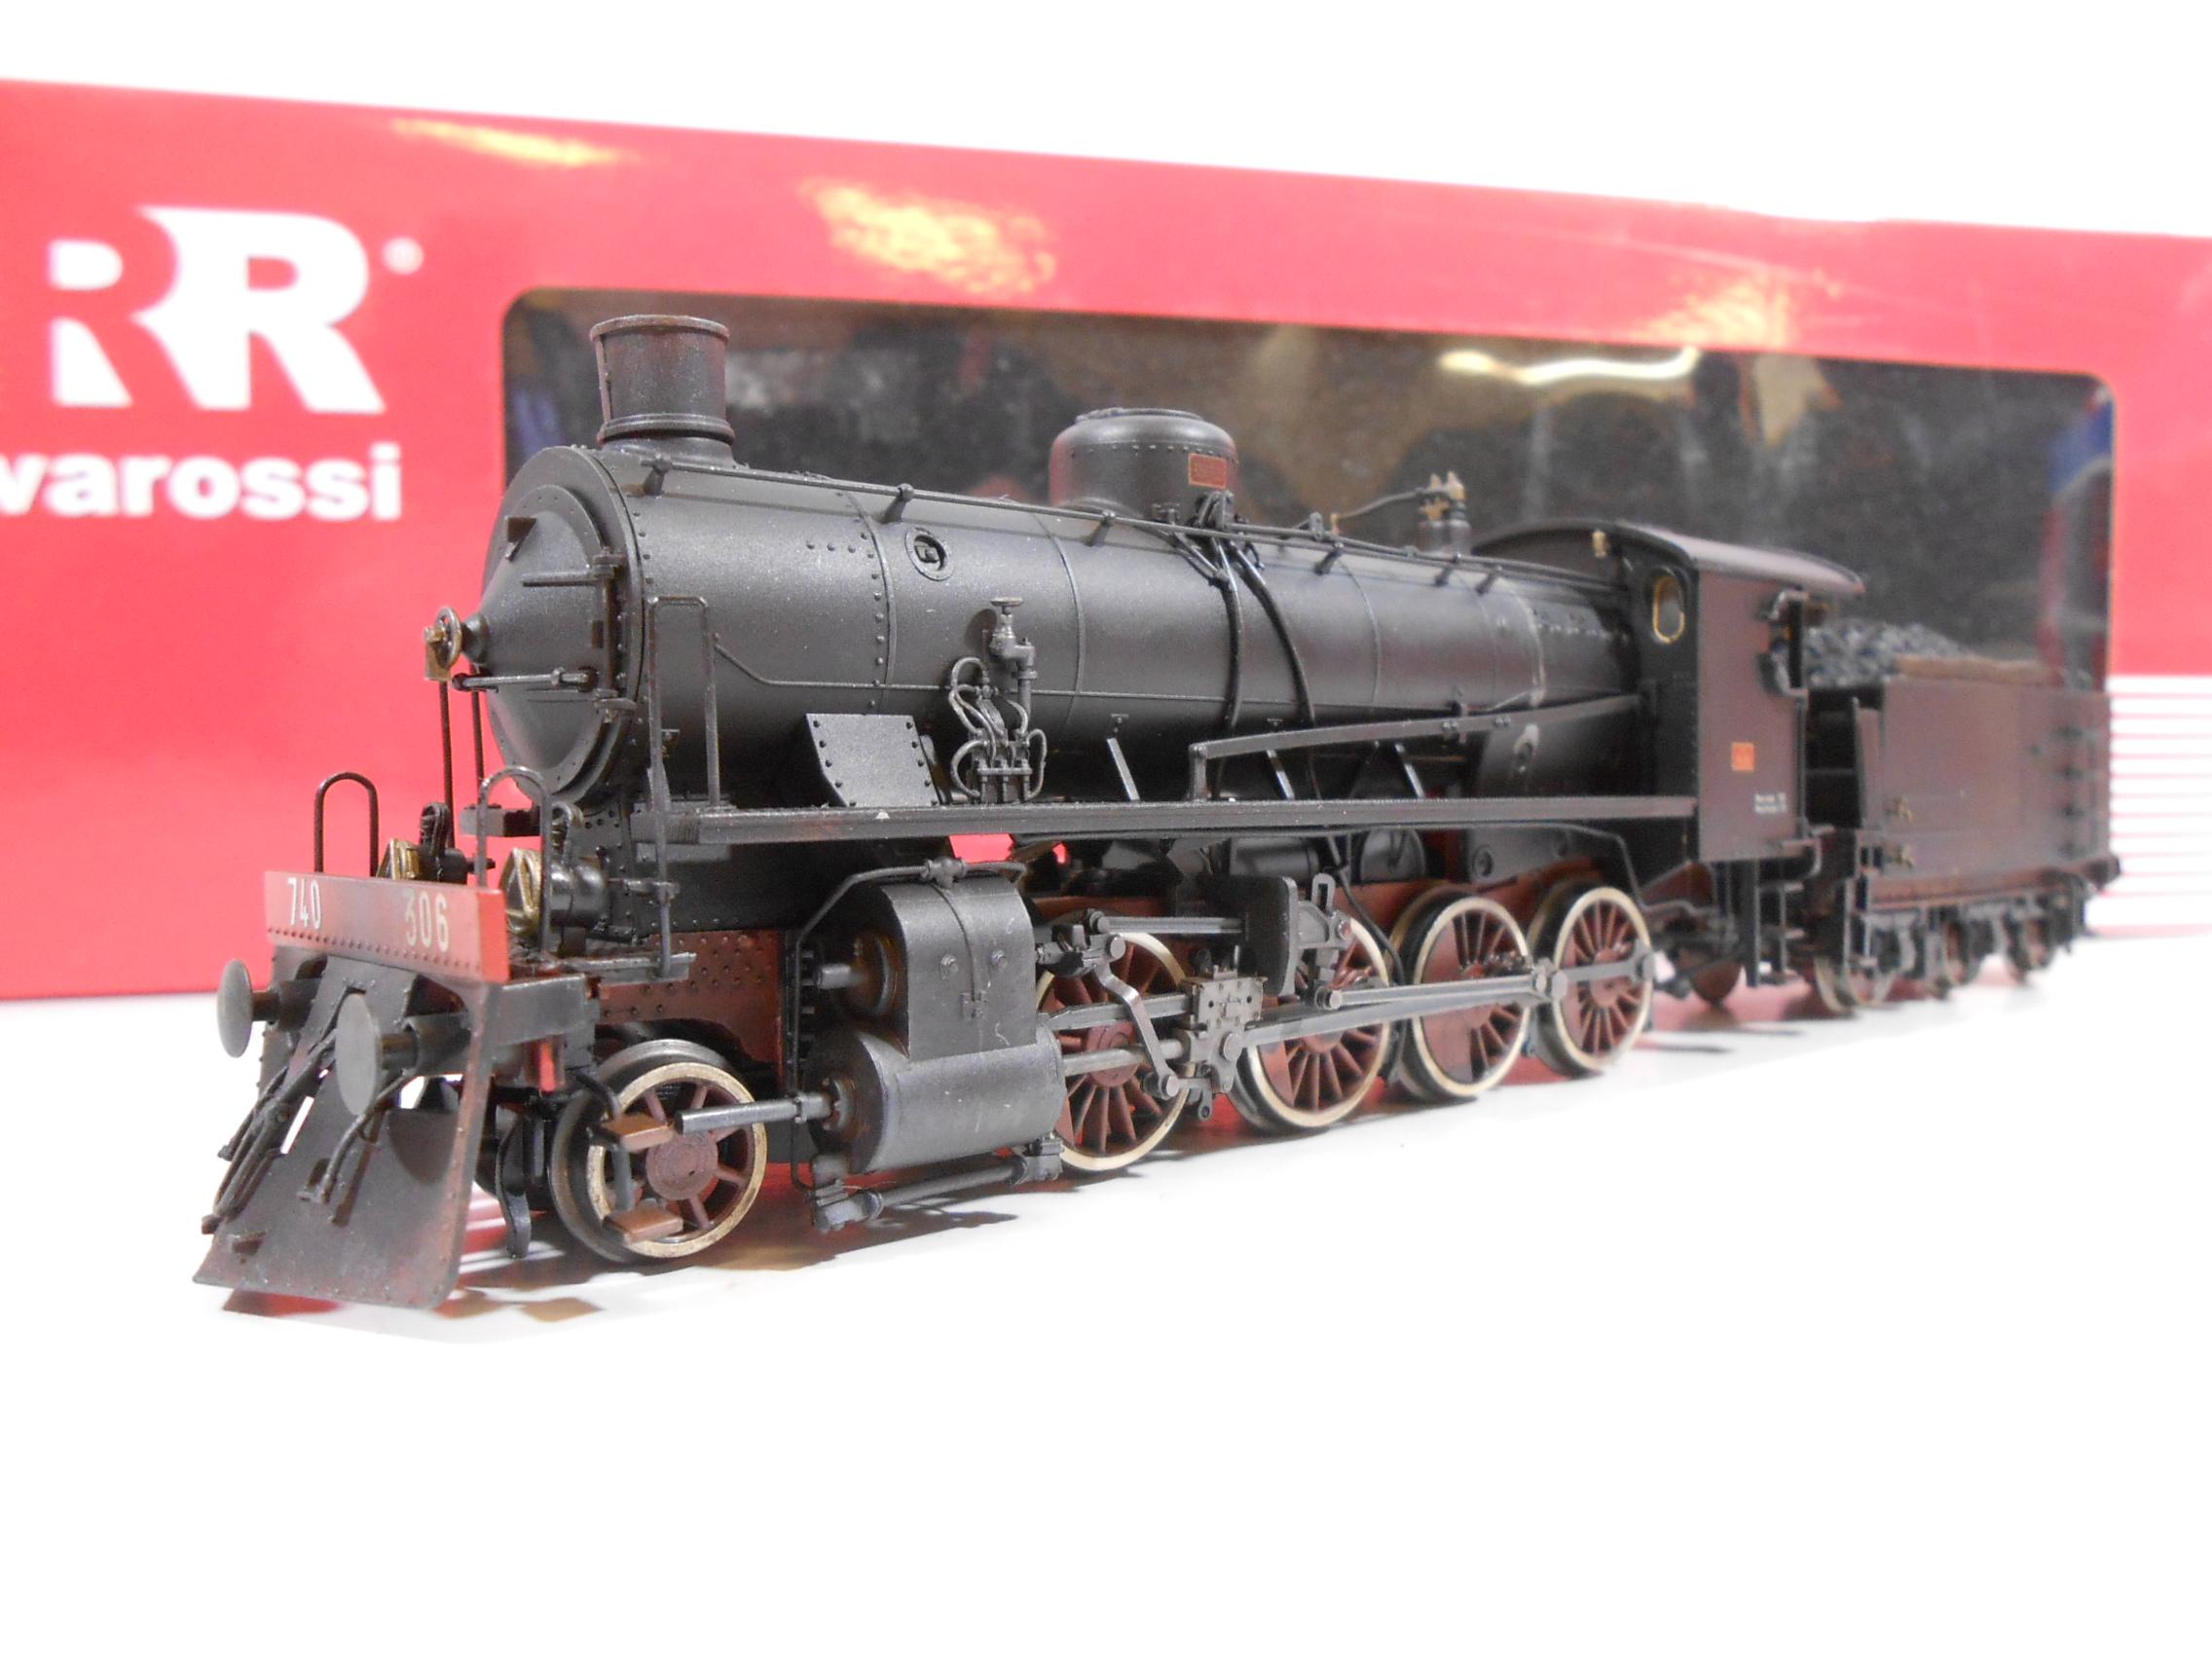 HORNBY/RIVAROSSI HR2383 - Locomotiva a vapore Gr.740.306 FS con tender a tre assi - MODELLO INVECCHIATO